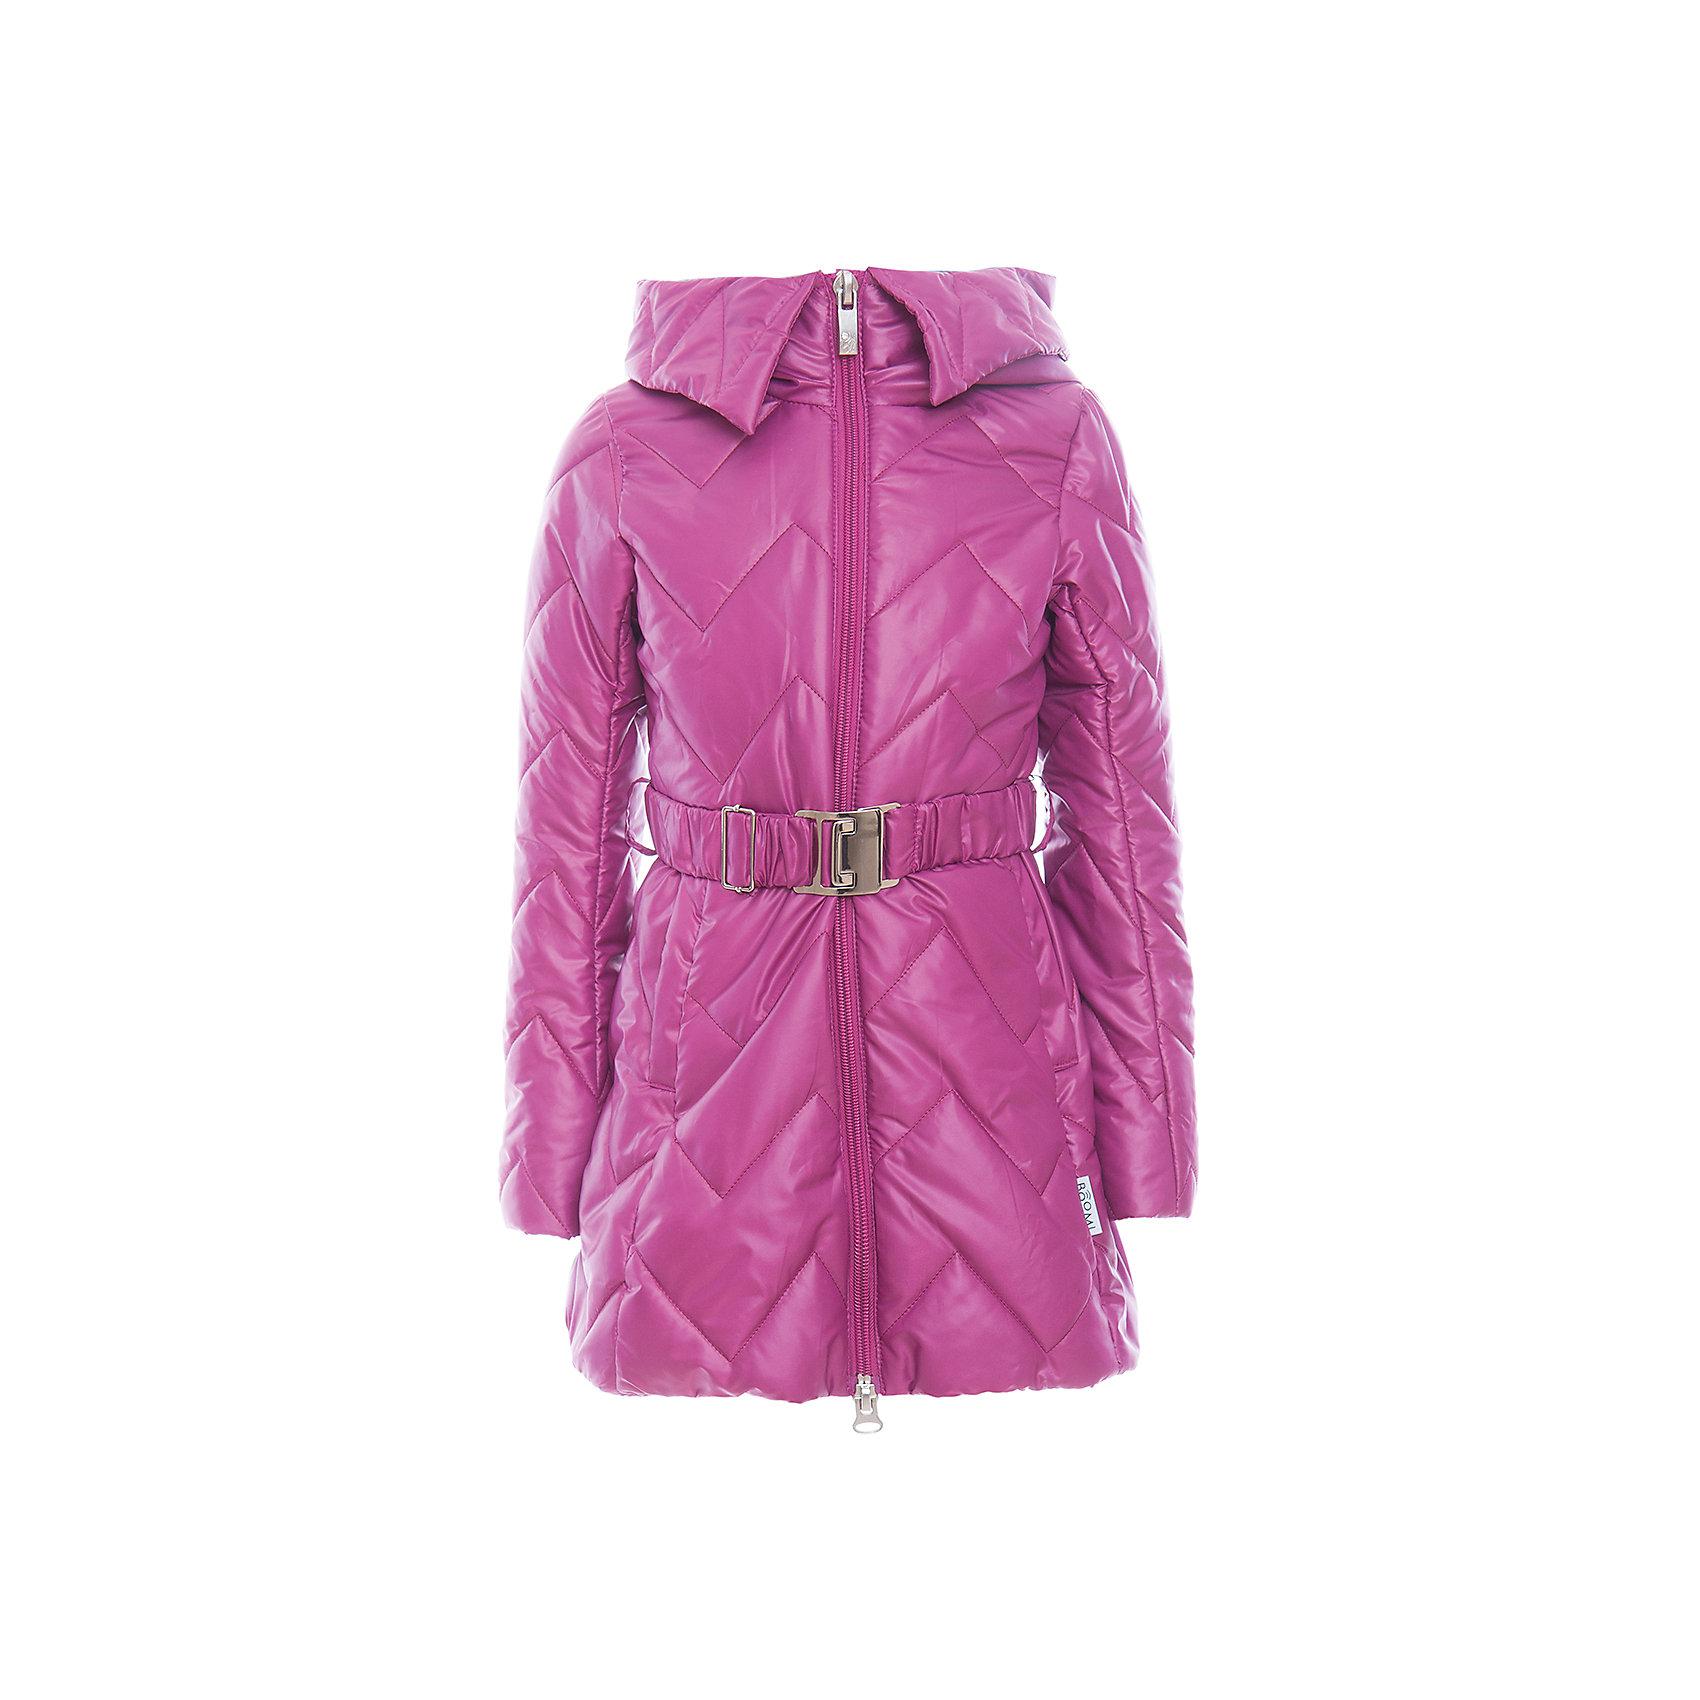 Пальто для девочки BOOM by OrbyВерхняя одежда<br>Характеристики товара:<br><br>• цвет: фиолетовый<br>• состав: 100% полиэстер; верх - таффета , подкладка - флис, поликоттон, полиэстер, утеплитель: Flexy Fiber 150 г/м2<br>• температурный режим: от -5 С° до +10 С° <br>• капюшон (не отстегивается)<br>• карманы<br>• пояс с пряжкой<br>• высокий воротник<br>• застежка - молния<br>• стеганое<br>• длина до колен<br>• комфортная посадка<br>• страна производства: Российская Федерация<br>• страна бренда: Российская Федерация<br>• коллекция: весна-лето 2017<br><br>Такое пальто - отличный вариант для походов в школу в межсезонье с его постоянно меняющейся погодой. Эта модель - модная и удобная одновременно! Изделие отличается стильным элегантным дизайном. Пальто хорошо сидит по фигуре, отлично сочетается с различным низом. Вещь была разработана специально для детей.<br>Одежда от российского бренда BOOM by Orby уже завоевала популярностью у многих детей и их родителей. Вещи, выпускаемые компанией, качественные, продуманные и очень удобные. Для производства коллекций используются только безопасные для детей материалы. Спешите приобрести модели из новой коллекции Весна-лето 2017! <br><br>Пальто для девочки от бренда BOOM by Orby можно купить в нашем интернет-магазине.<br><br>Ширина мм: 356<br>Глубина мм: 10<br>Высота мм: 245<br>Вес г: 519<br>Цвет: фиолетовый<br>Возраст от месяцев: 144<br>Возраст до месяцев: 156<br>Пол: Женский<br>Возраст: Детский<br>Размер: 158,104,110,98,116,122,128,134,140,146,152<br>SKU: 5343296